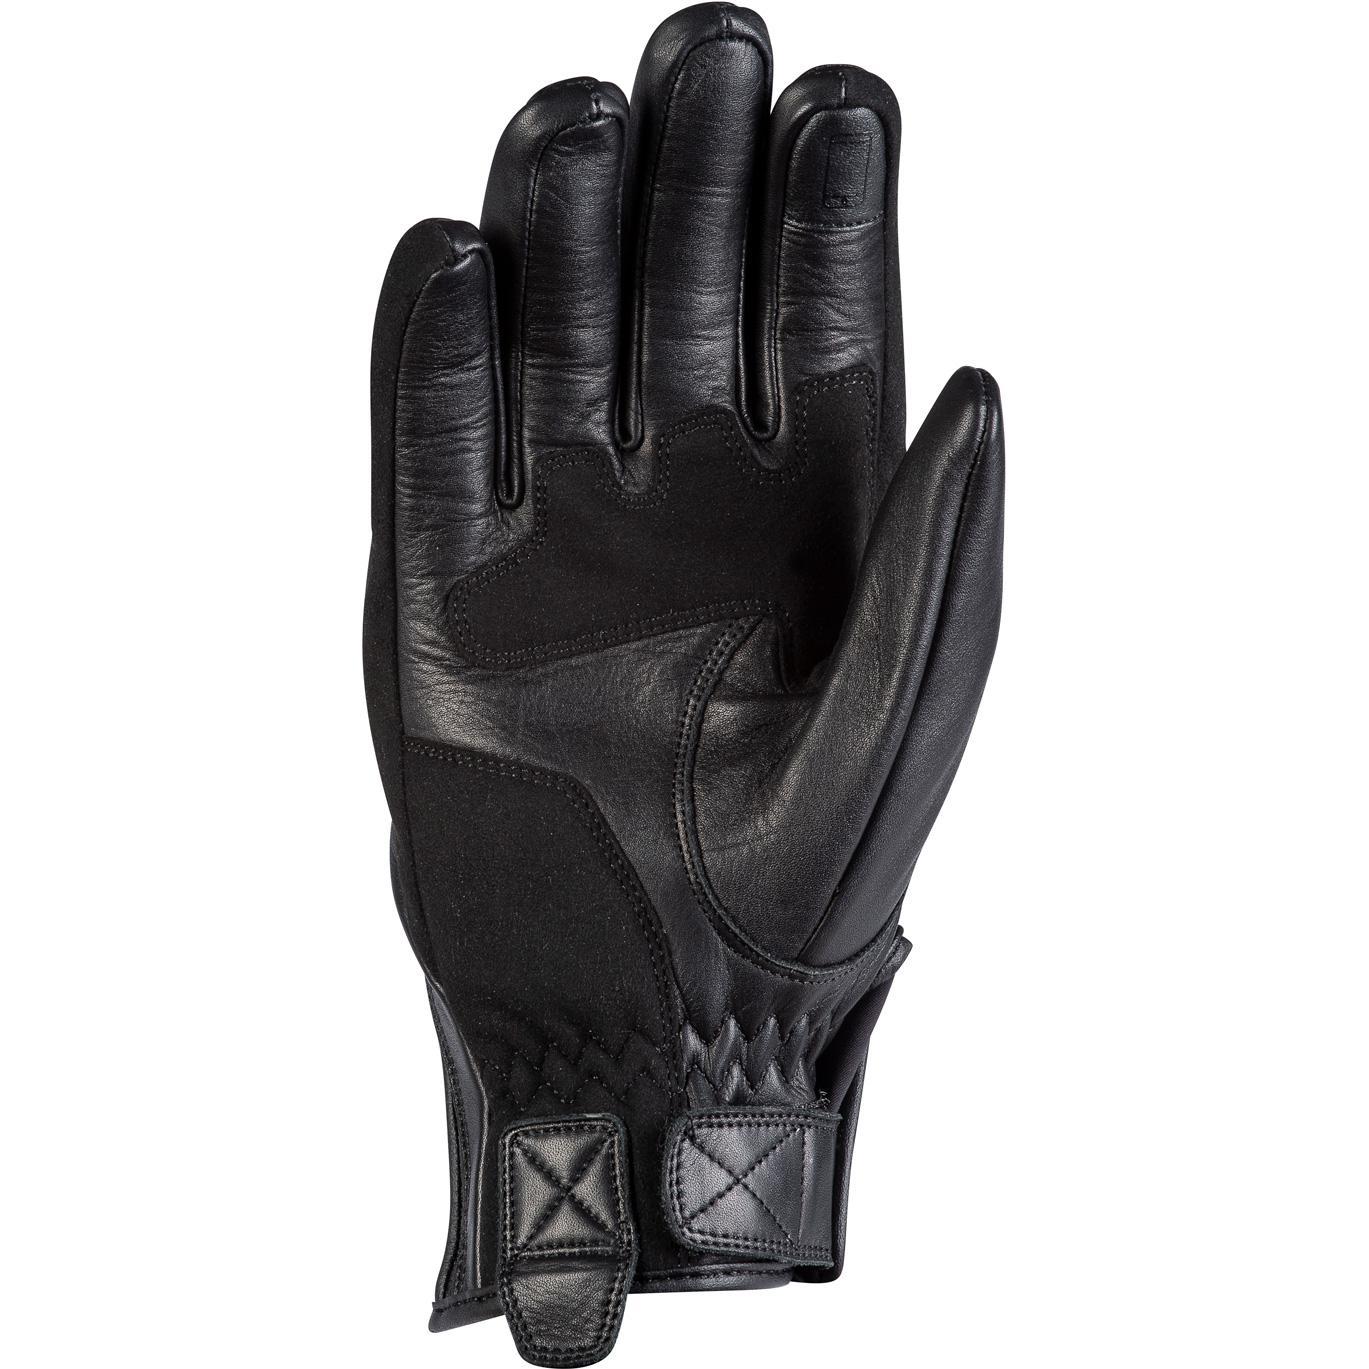 IXON-gants-rs-neo-image-10720606